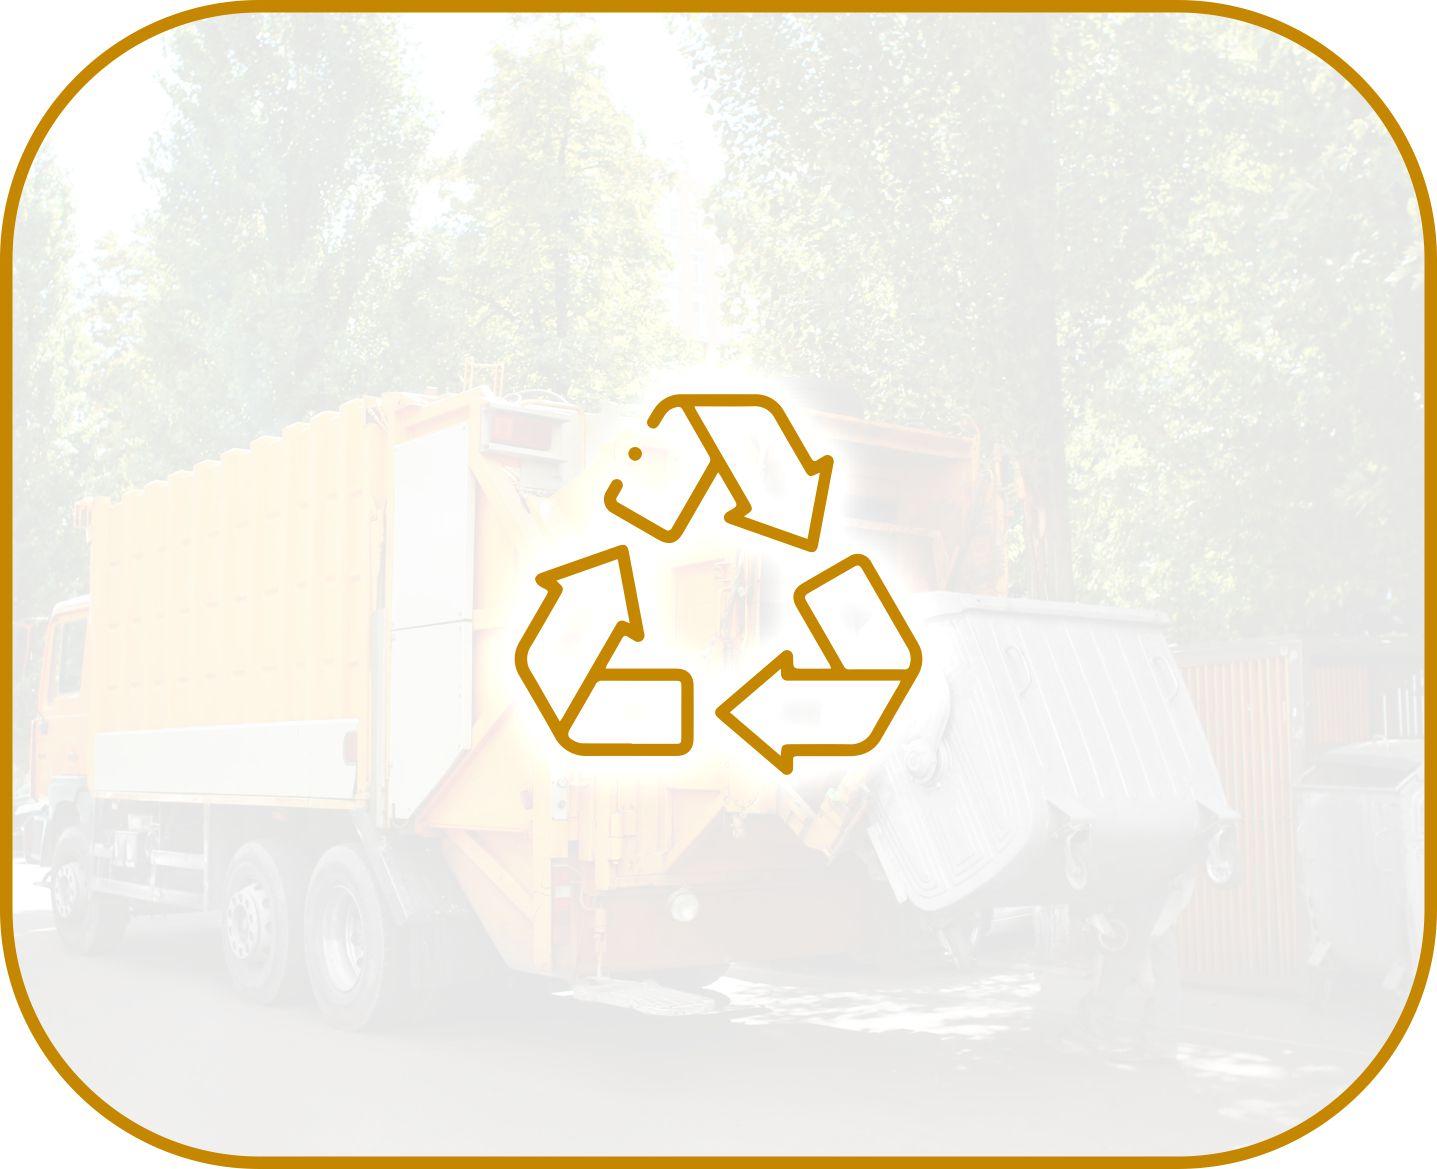 08 gestion de recoleccion de residuos solidos